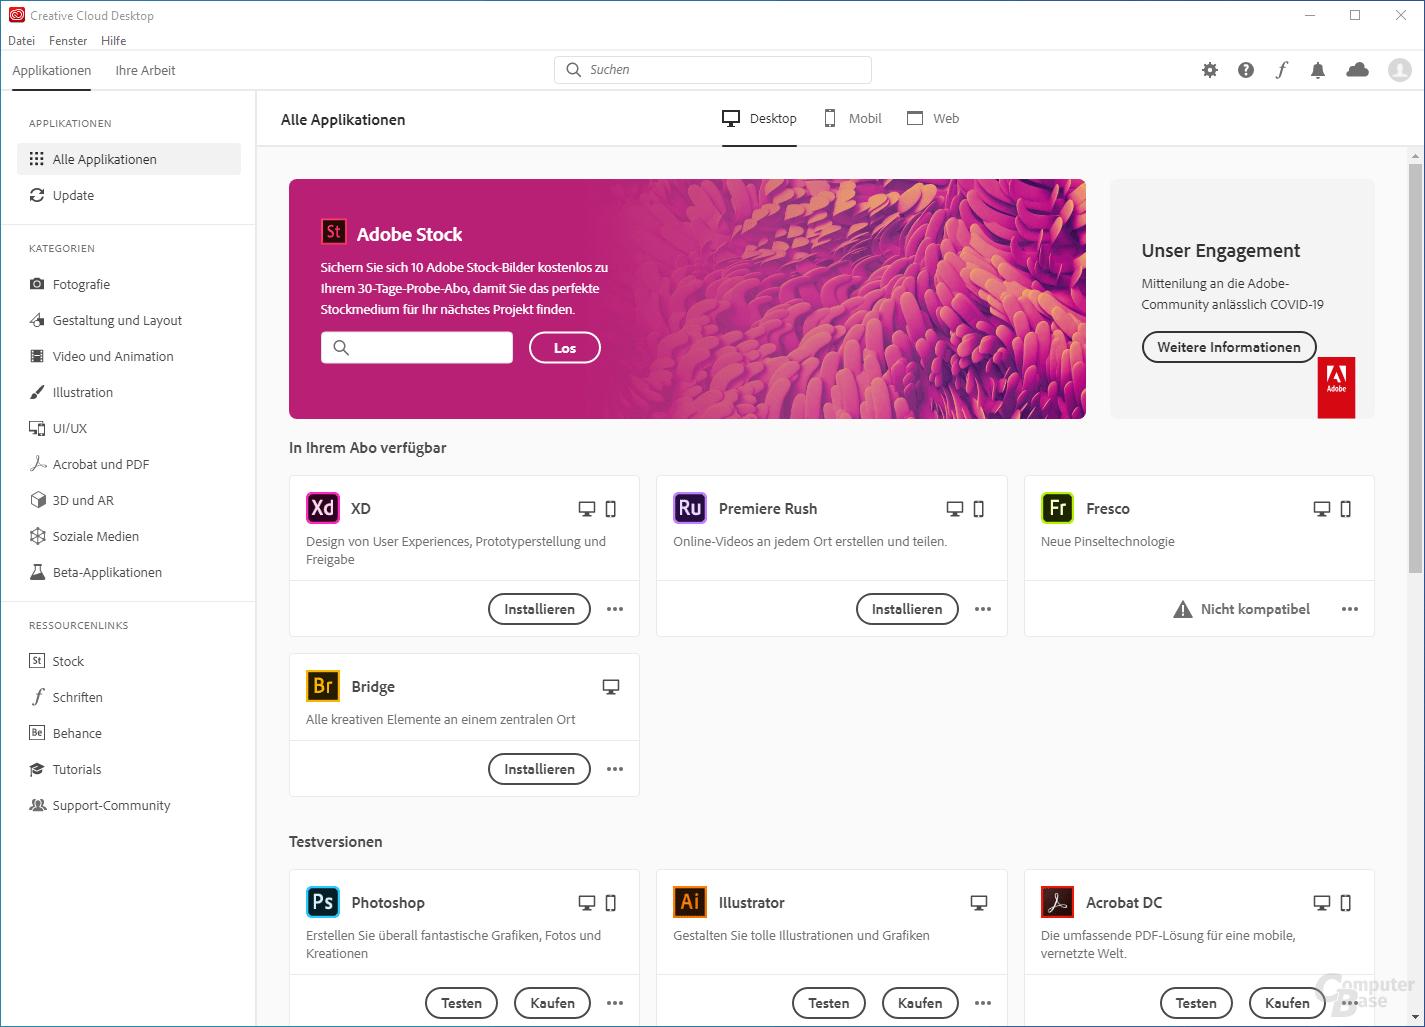 Adobe Creative Cloud – Oberfläche